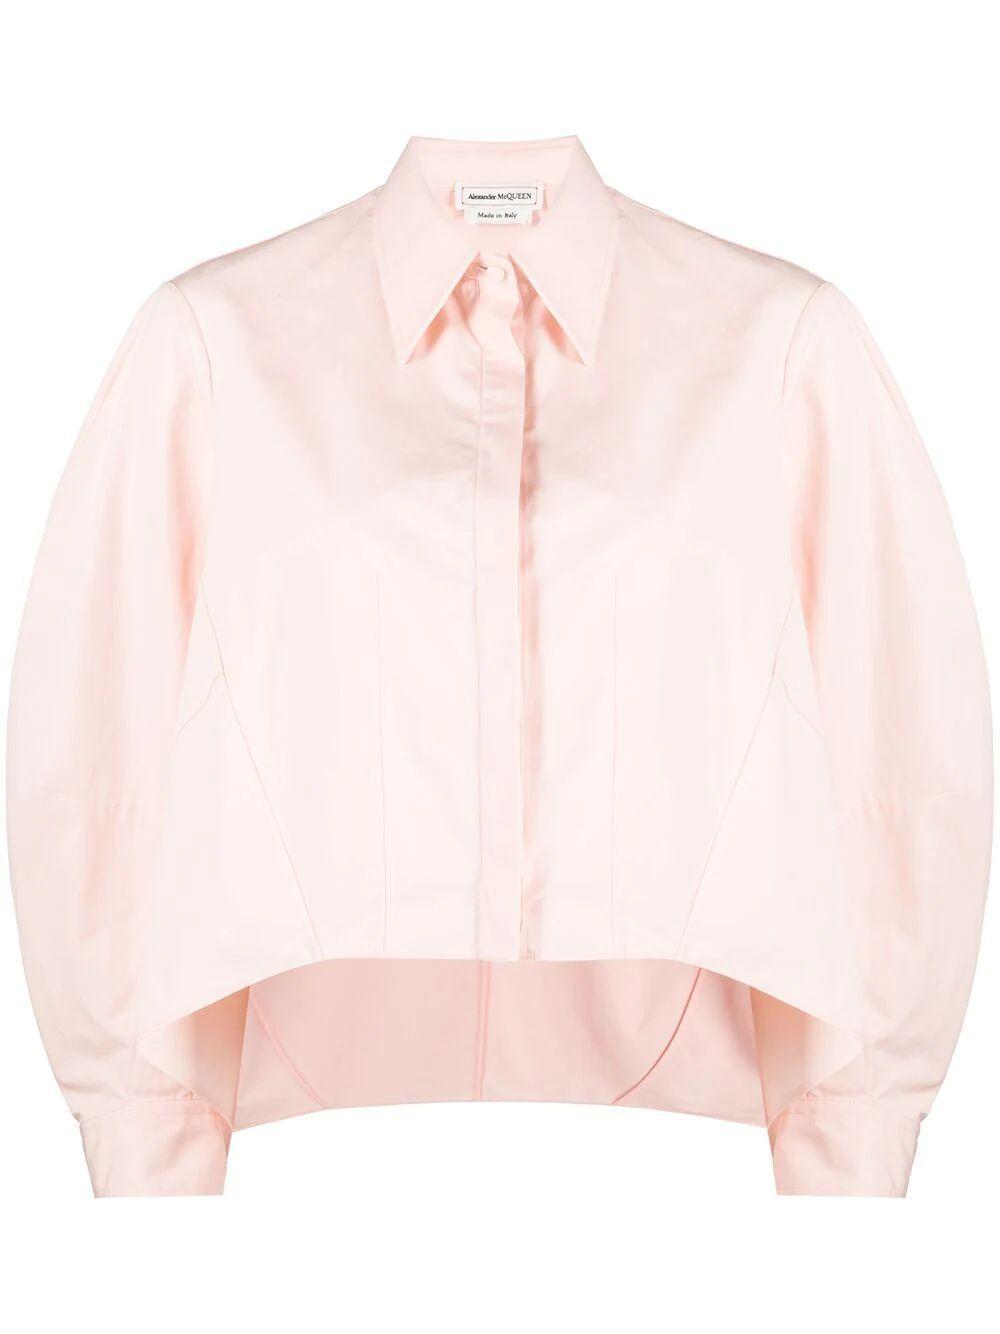 Cocoon Sleeve Shirt Item # 654533QAAAY